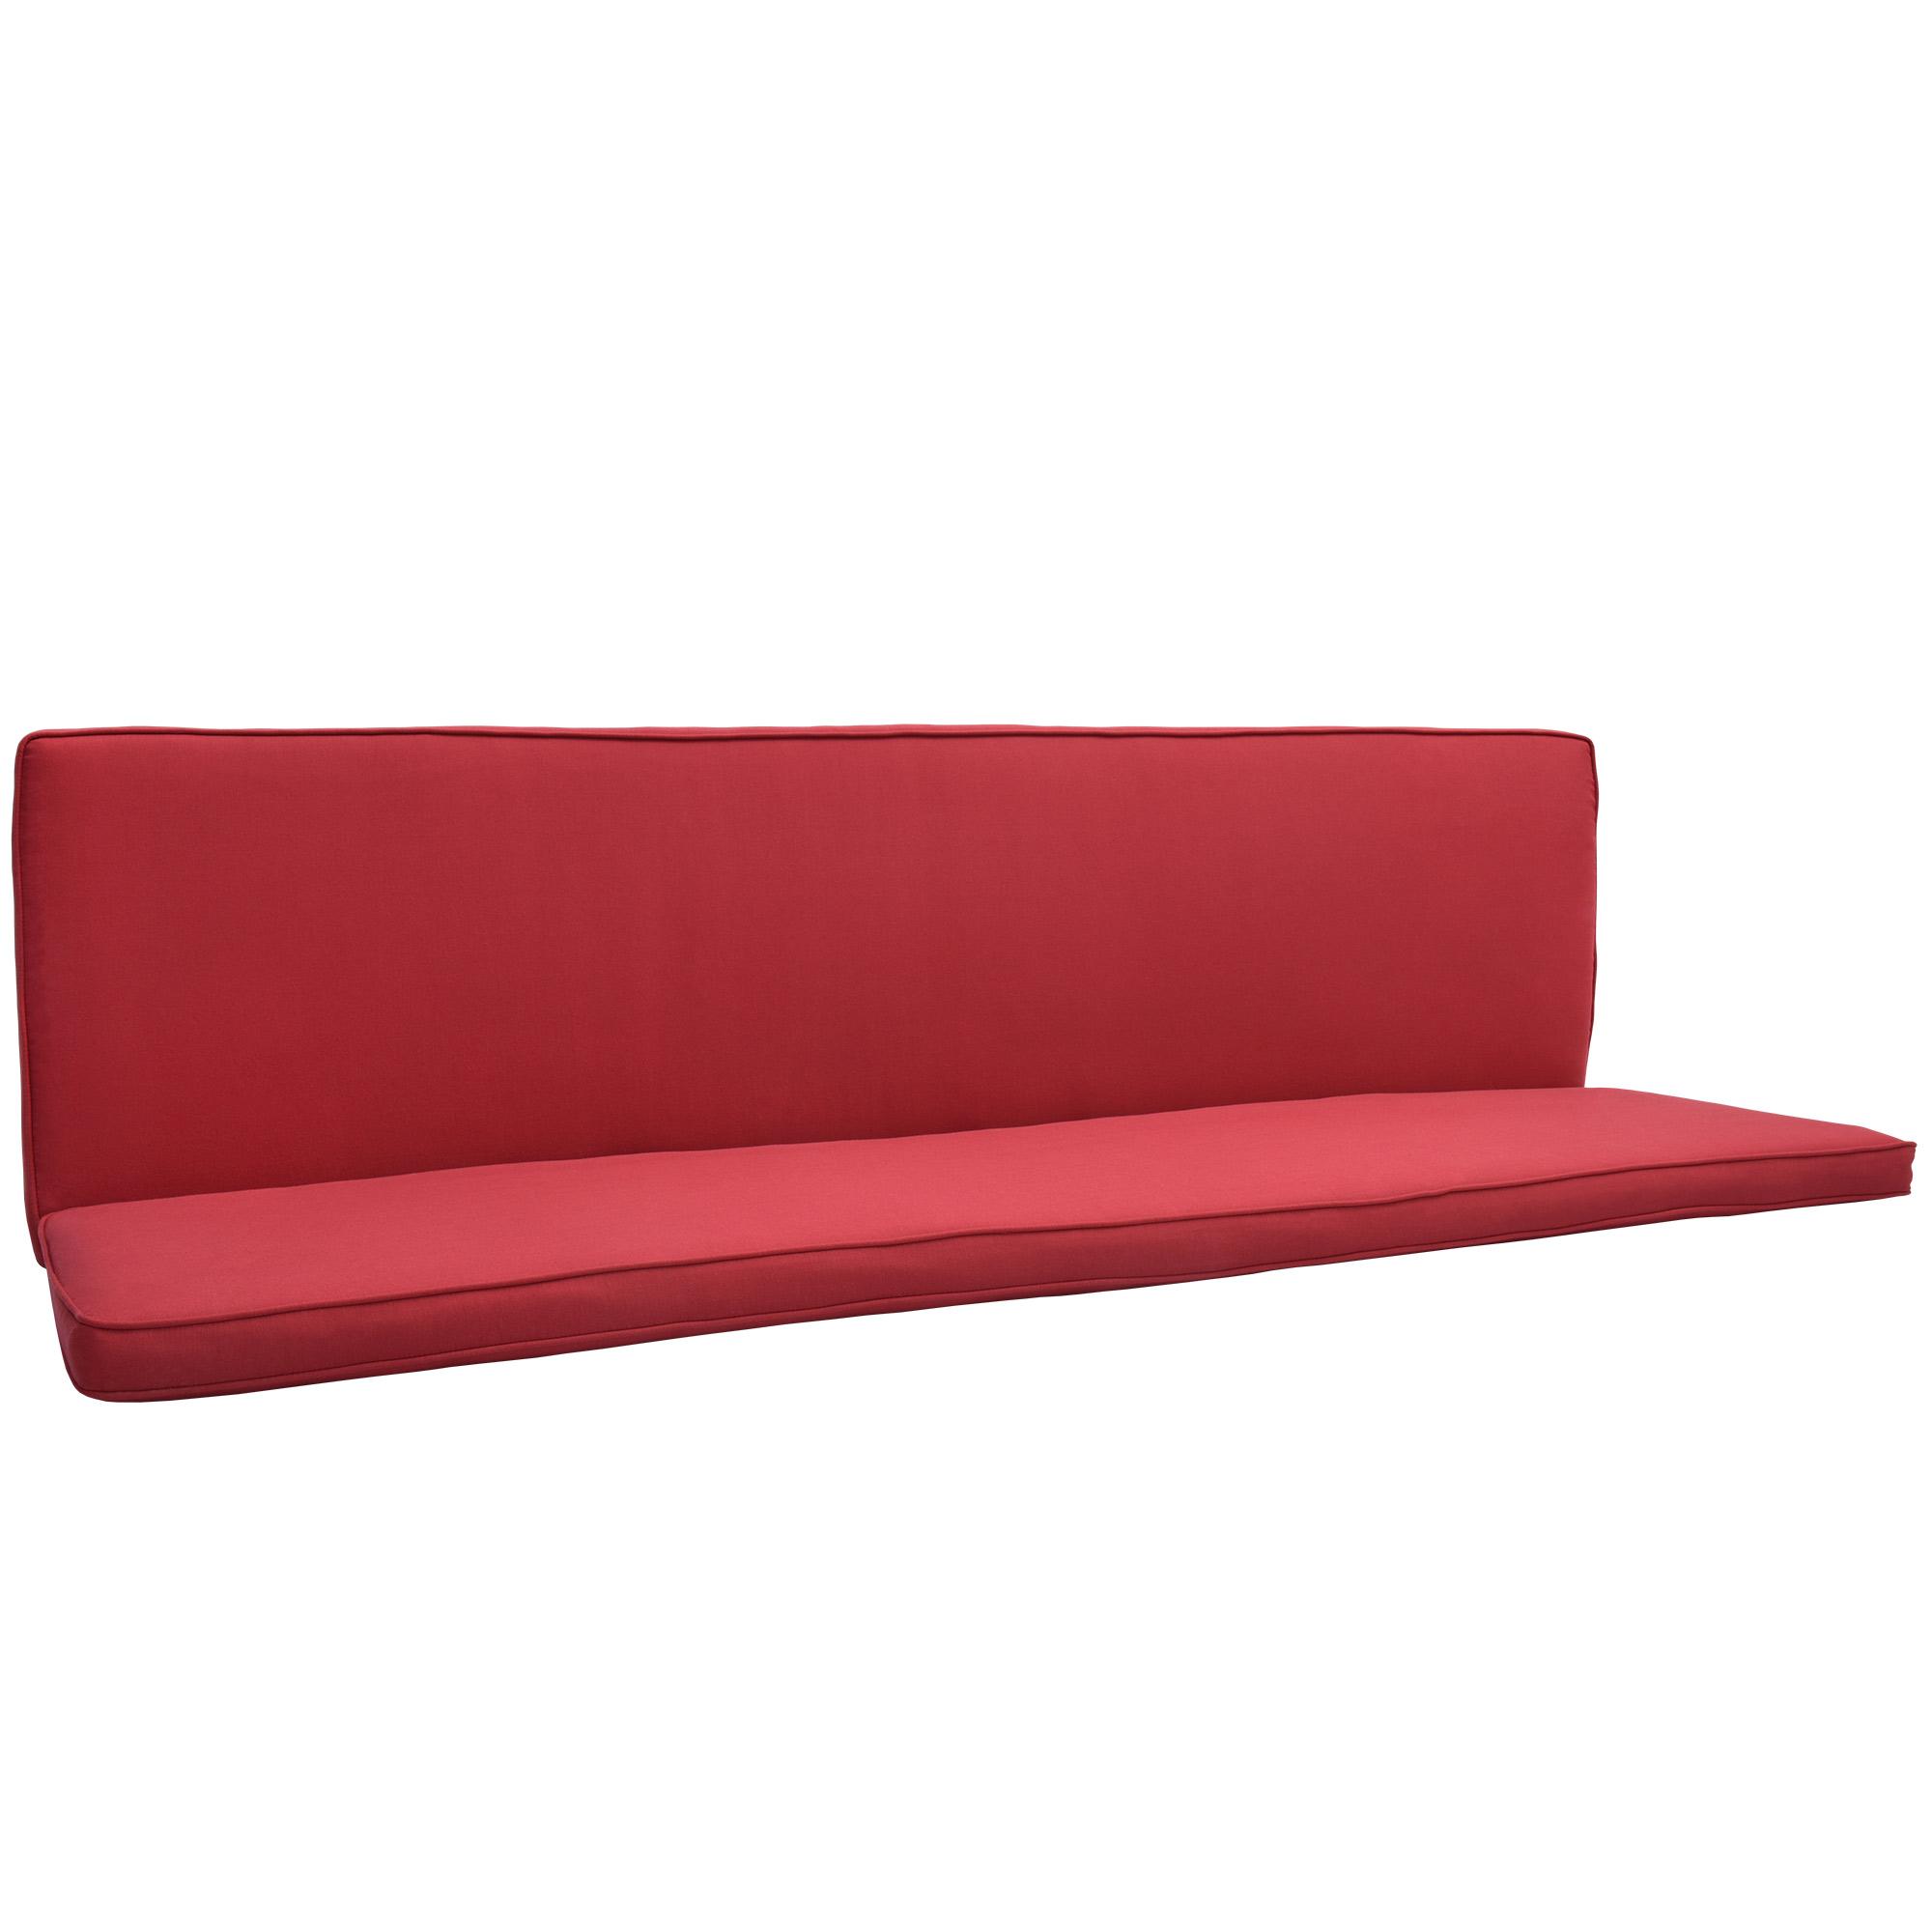 auflage polster kissen f r hollywoodschaukel 180 cm bankauflage polsterauflage ebay. Black Bedroom Furniture Sets. Home Design Ideas